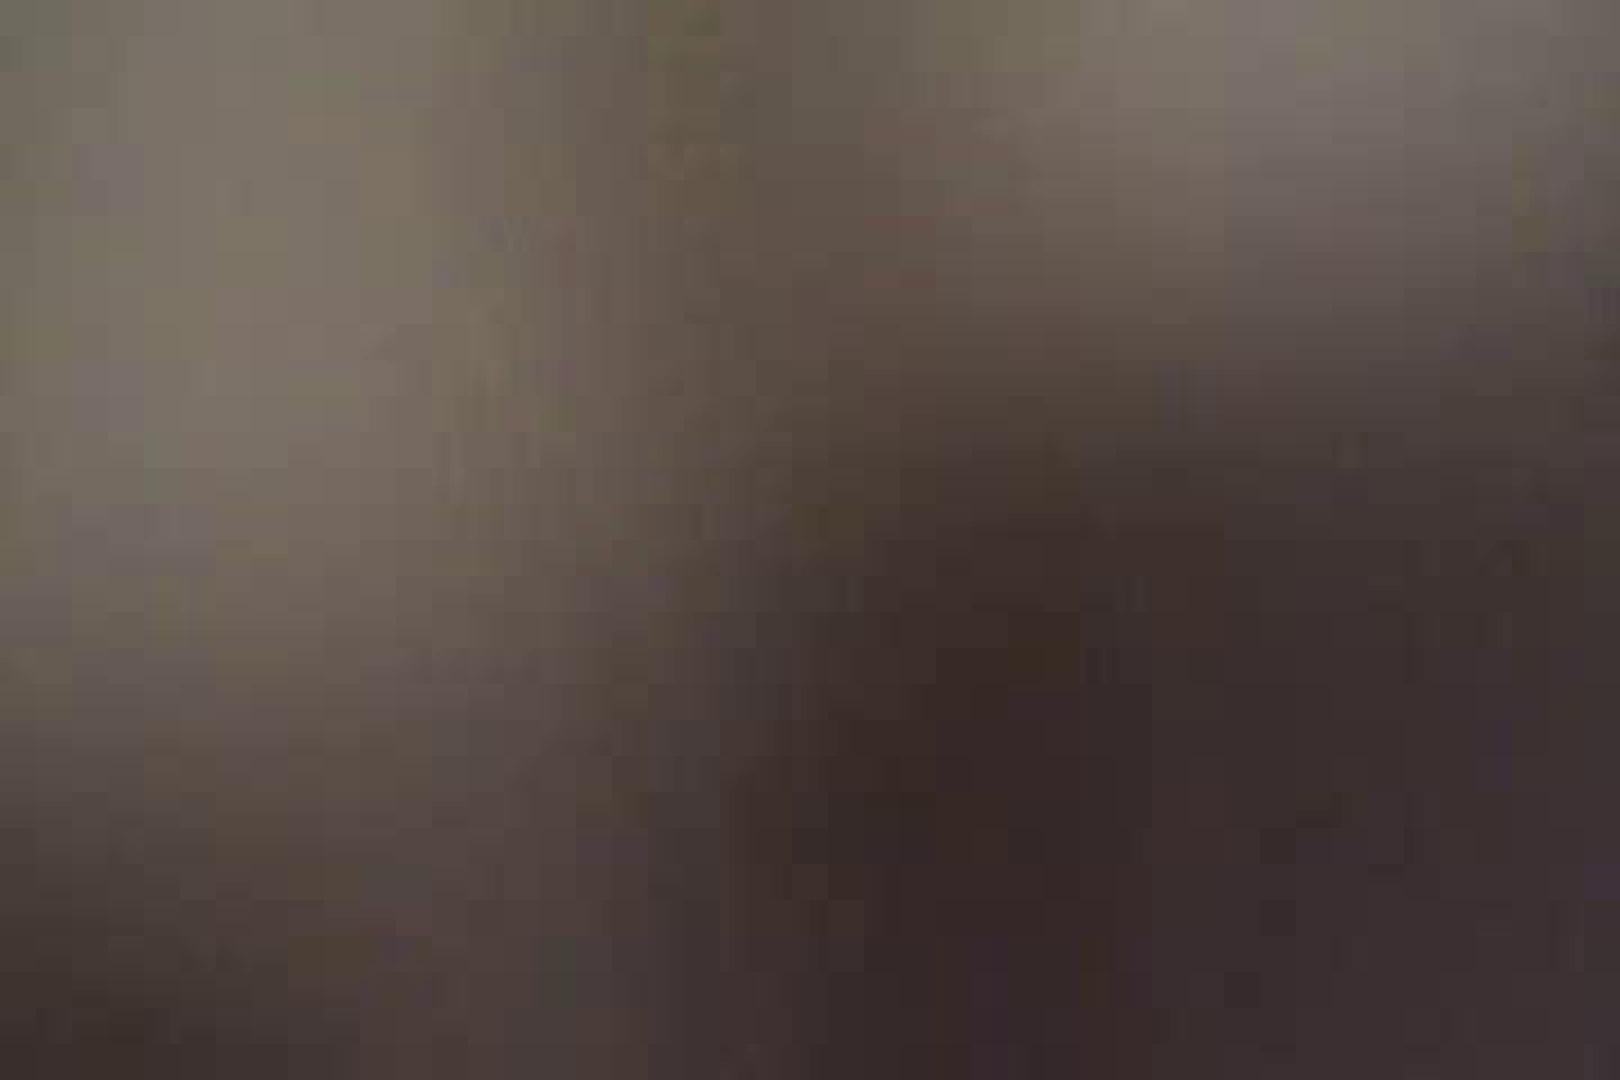 ガチ投稿!素人さんのセンズリ&射精vol4 投稿  83pic 70